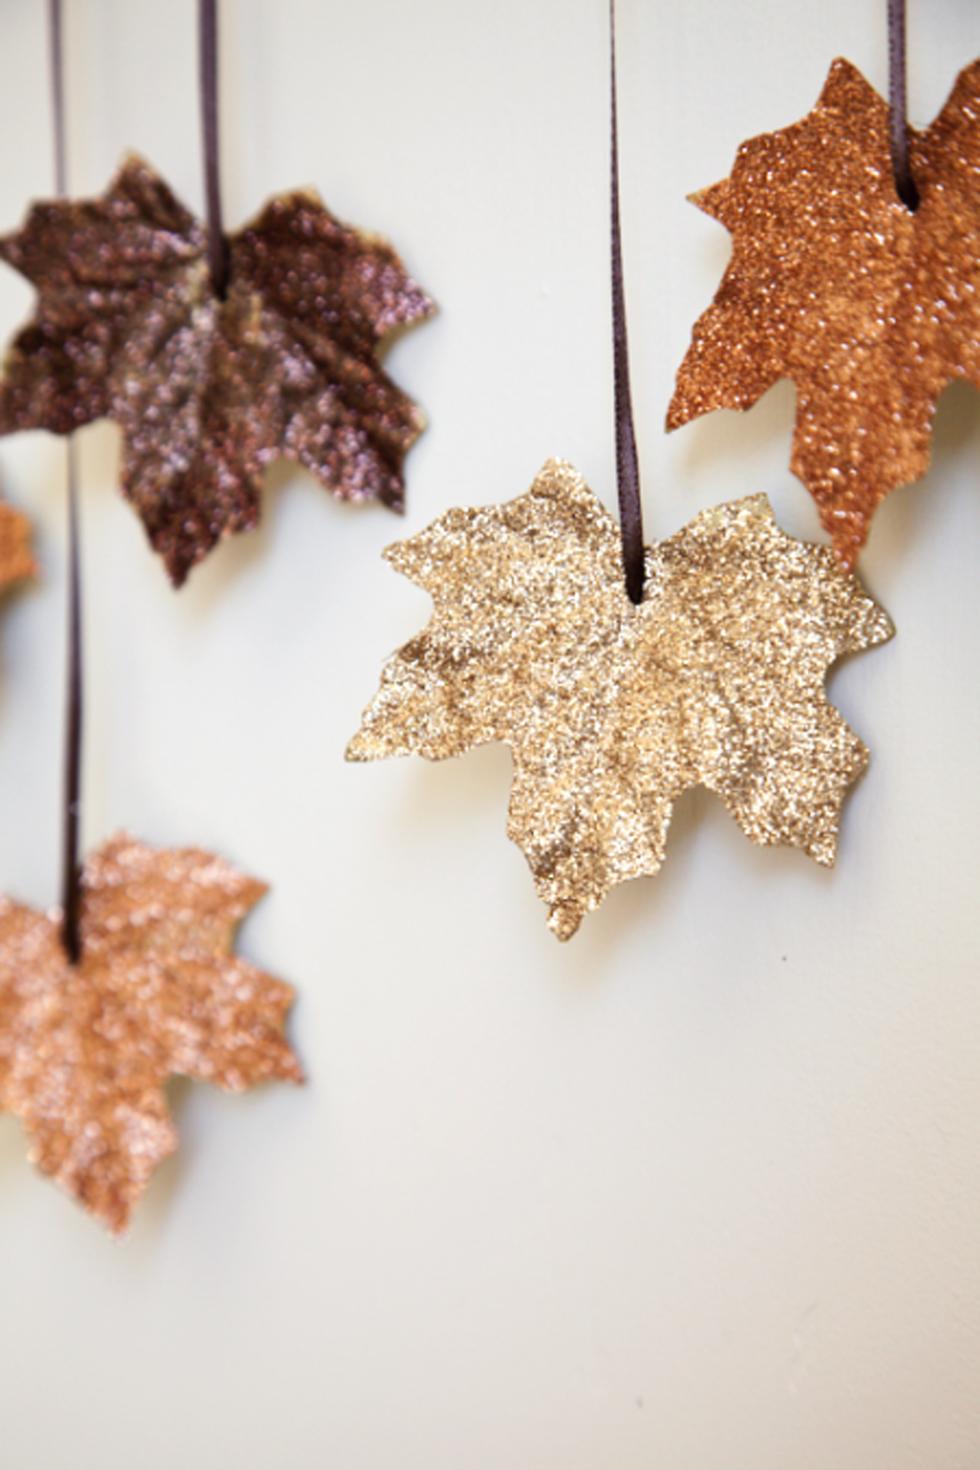 Basteln mit Kindern Herbst: herbstliche Dekoration mit Laub